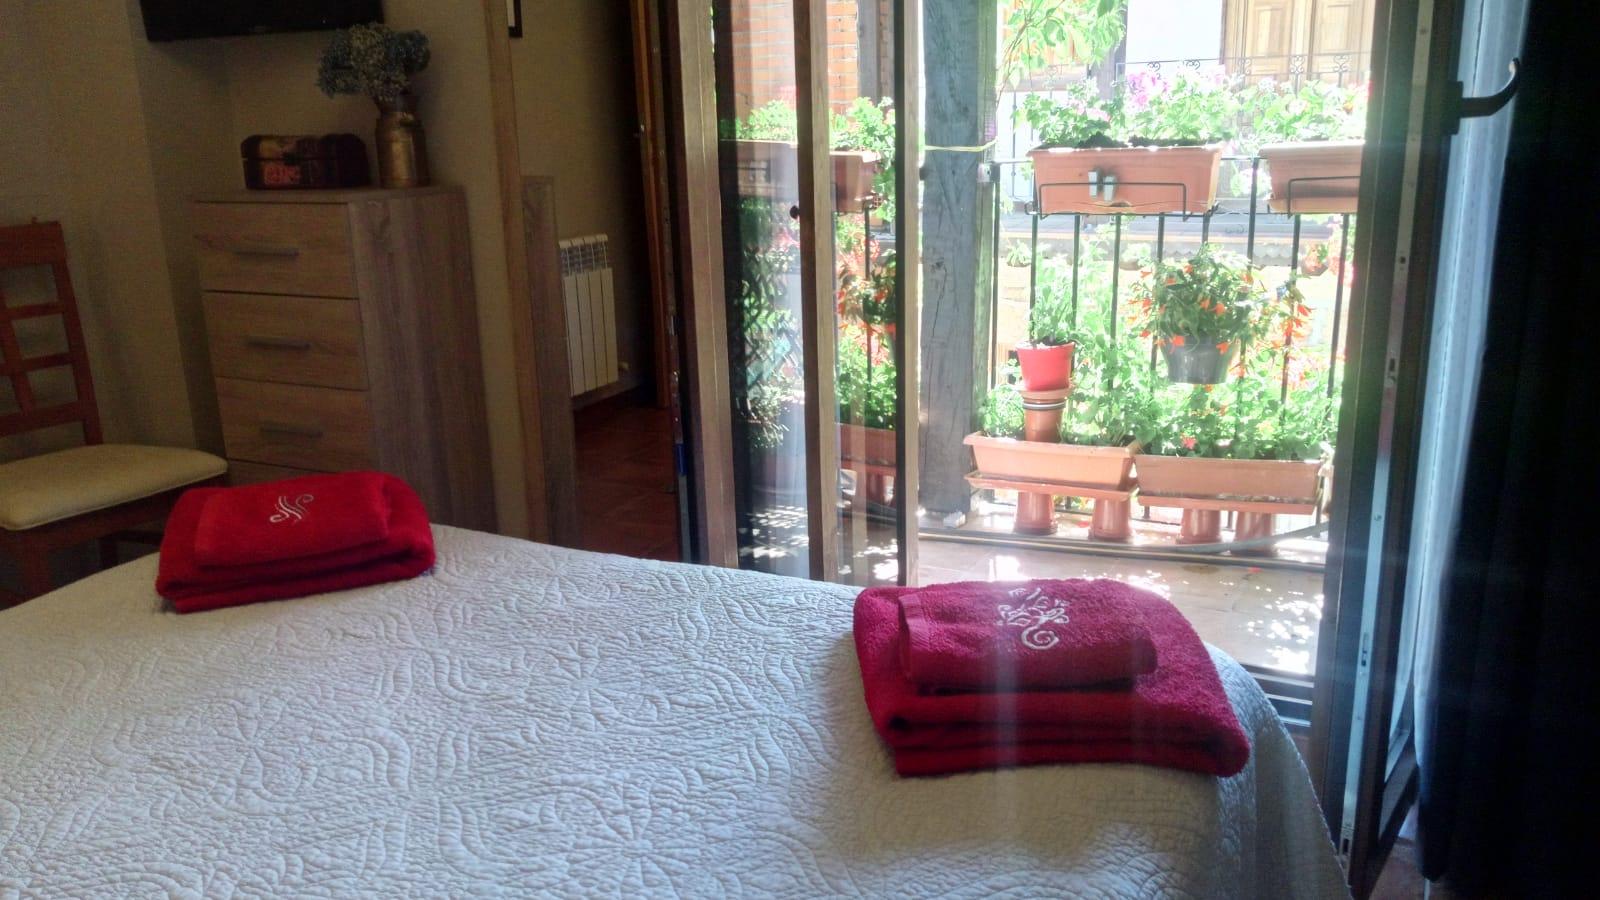 Alojamientos Casa Rural en Salamanca La Alberca La Esquina de Animas